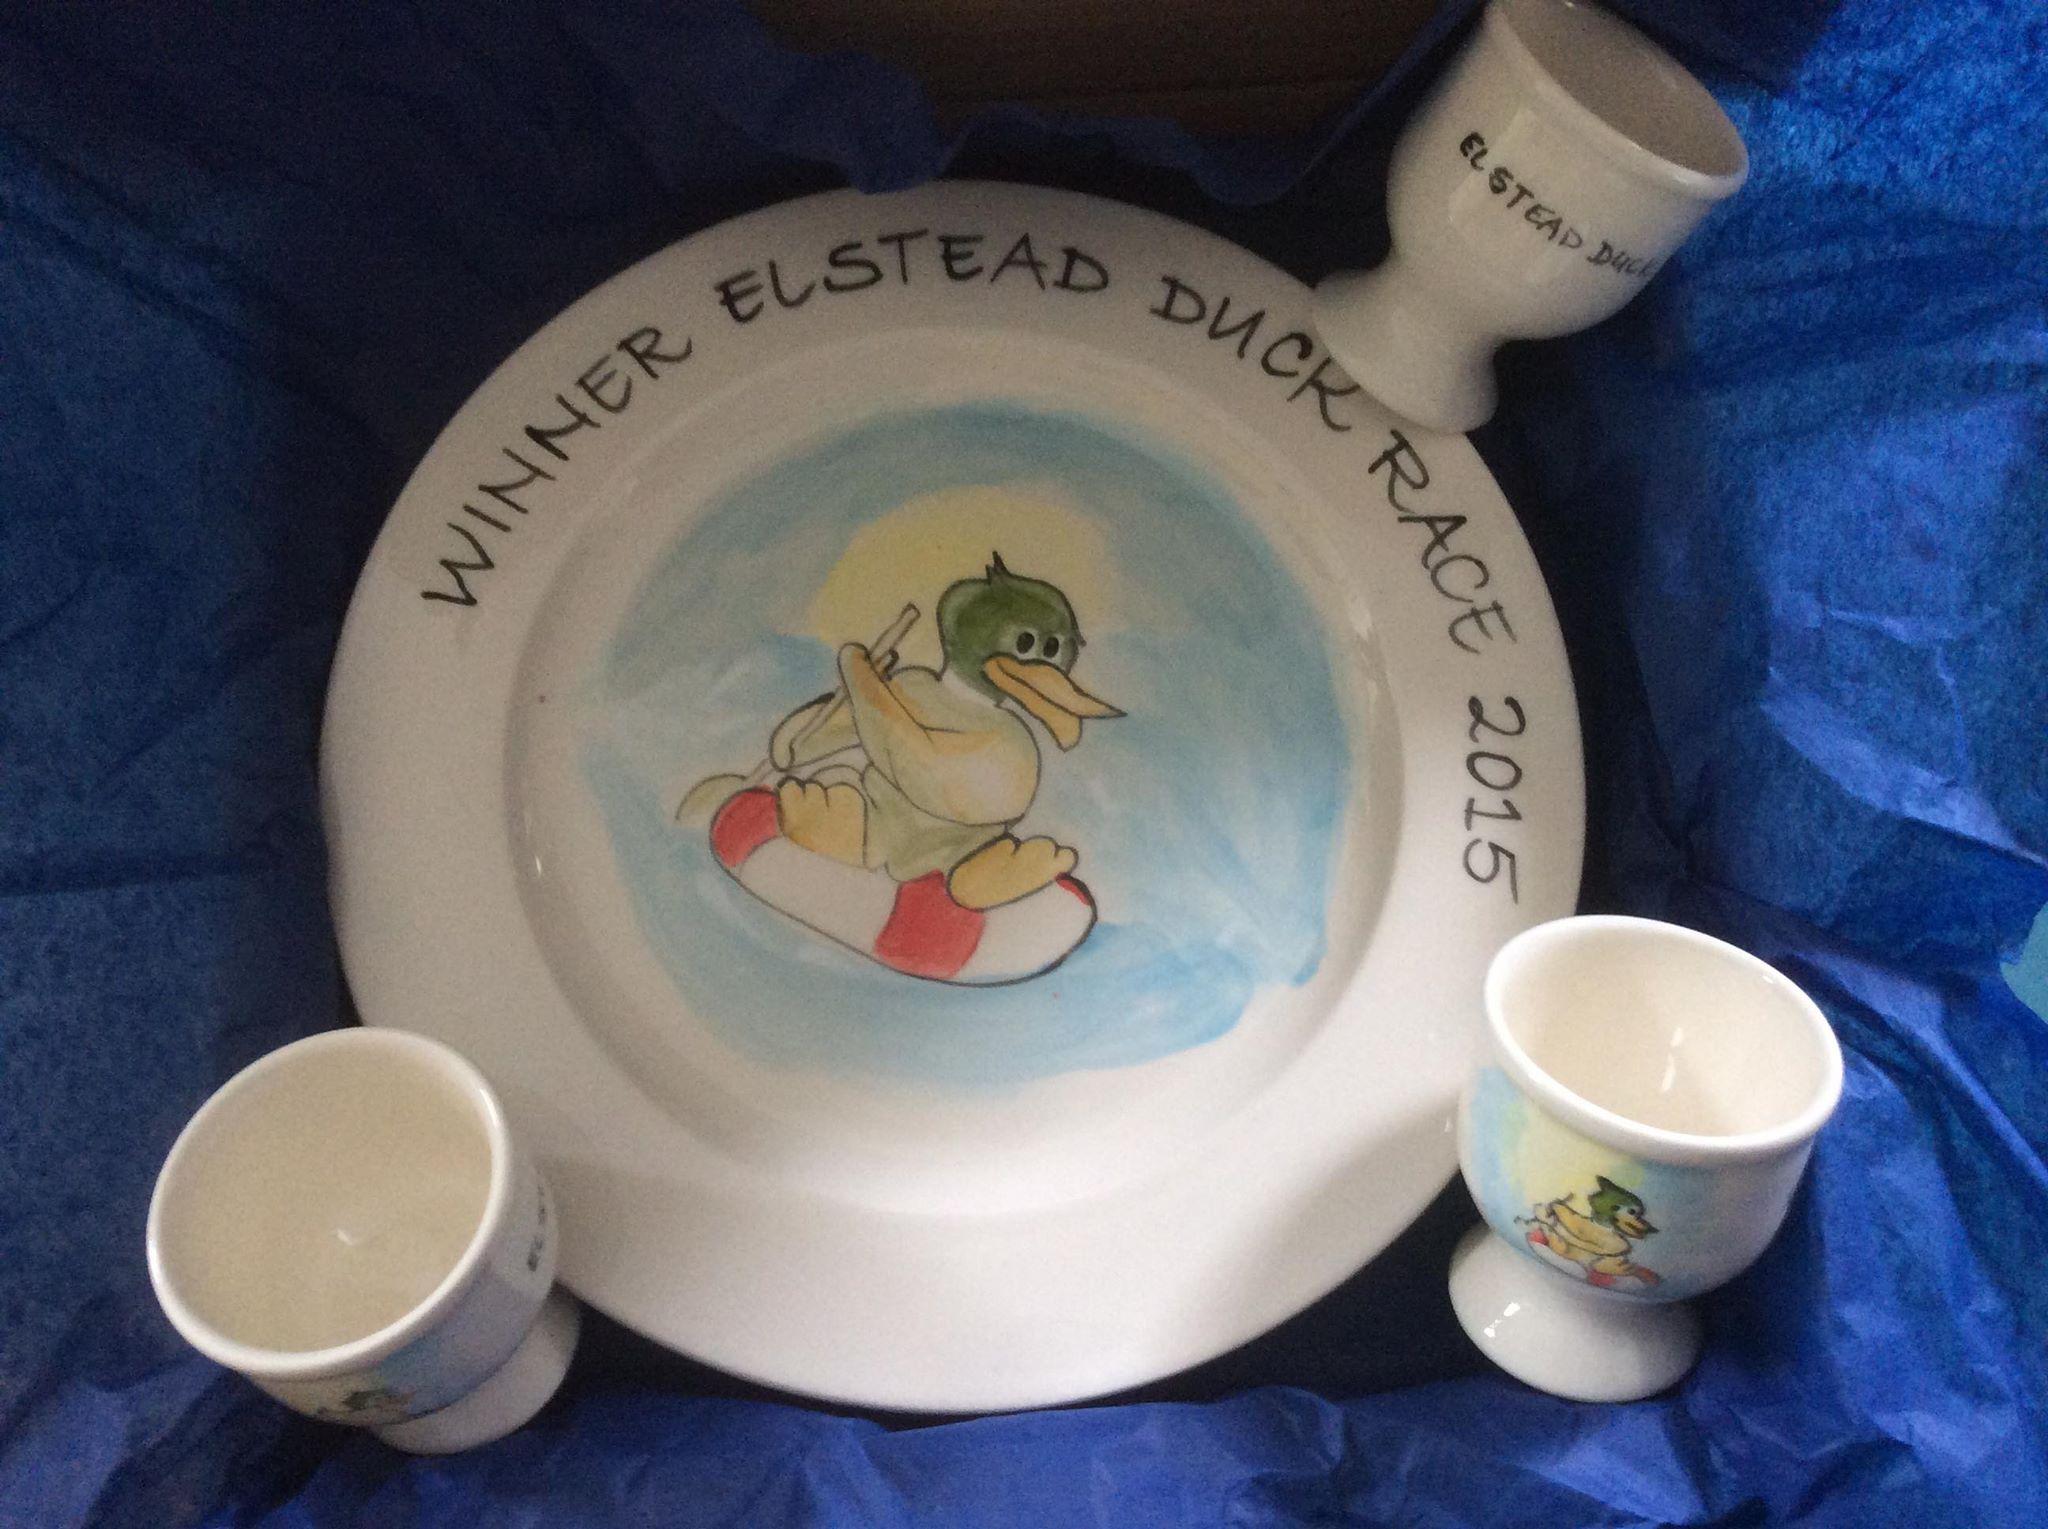 Elstead Duck Race